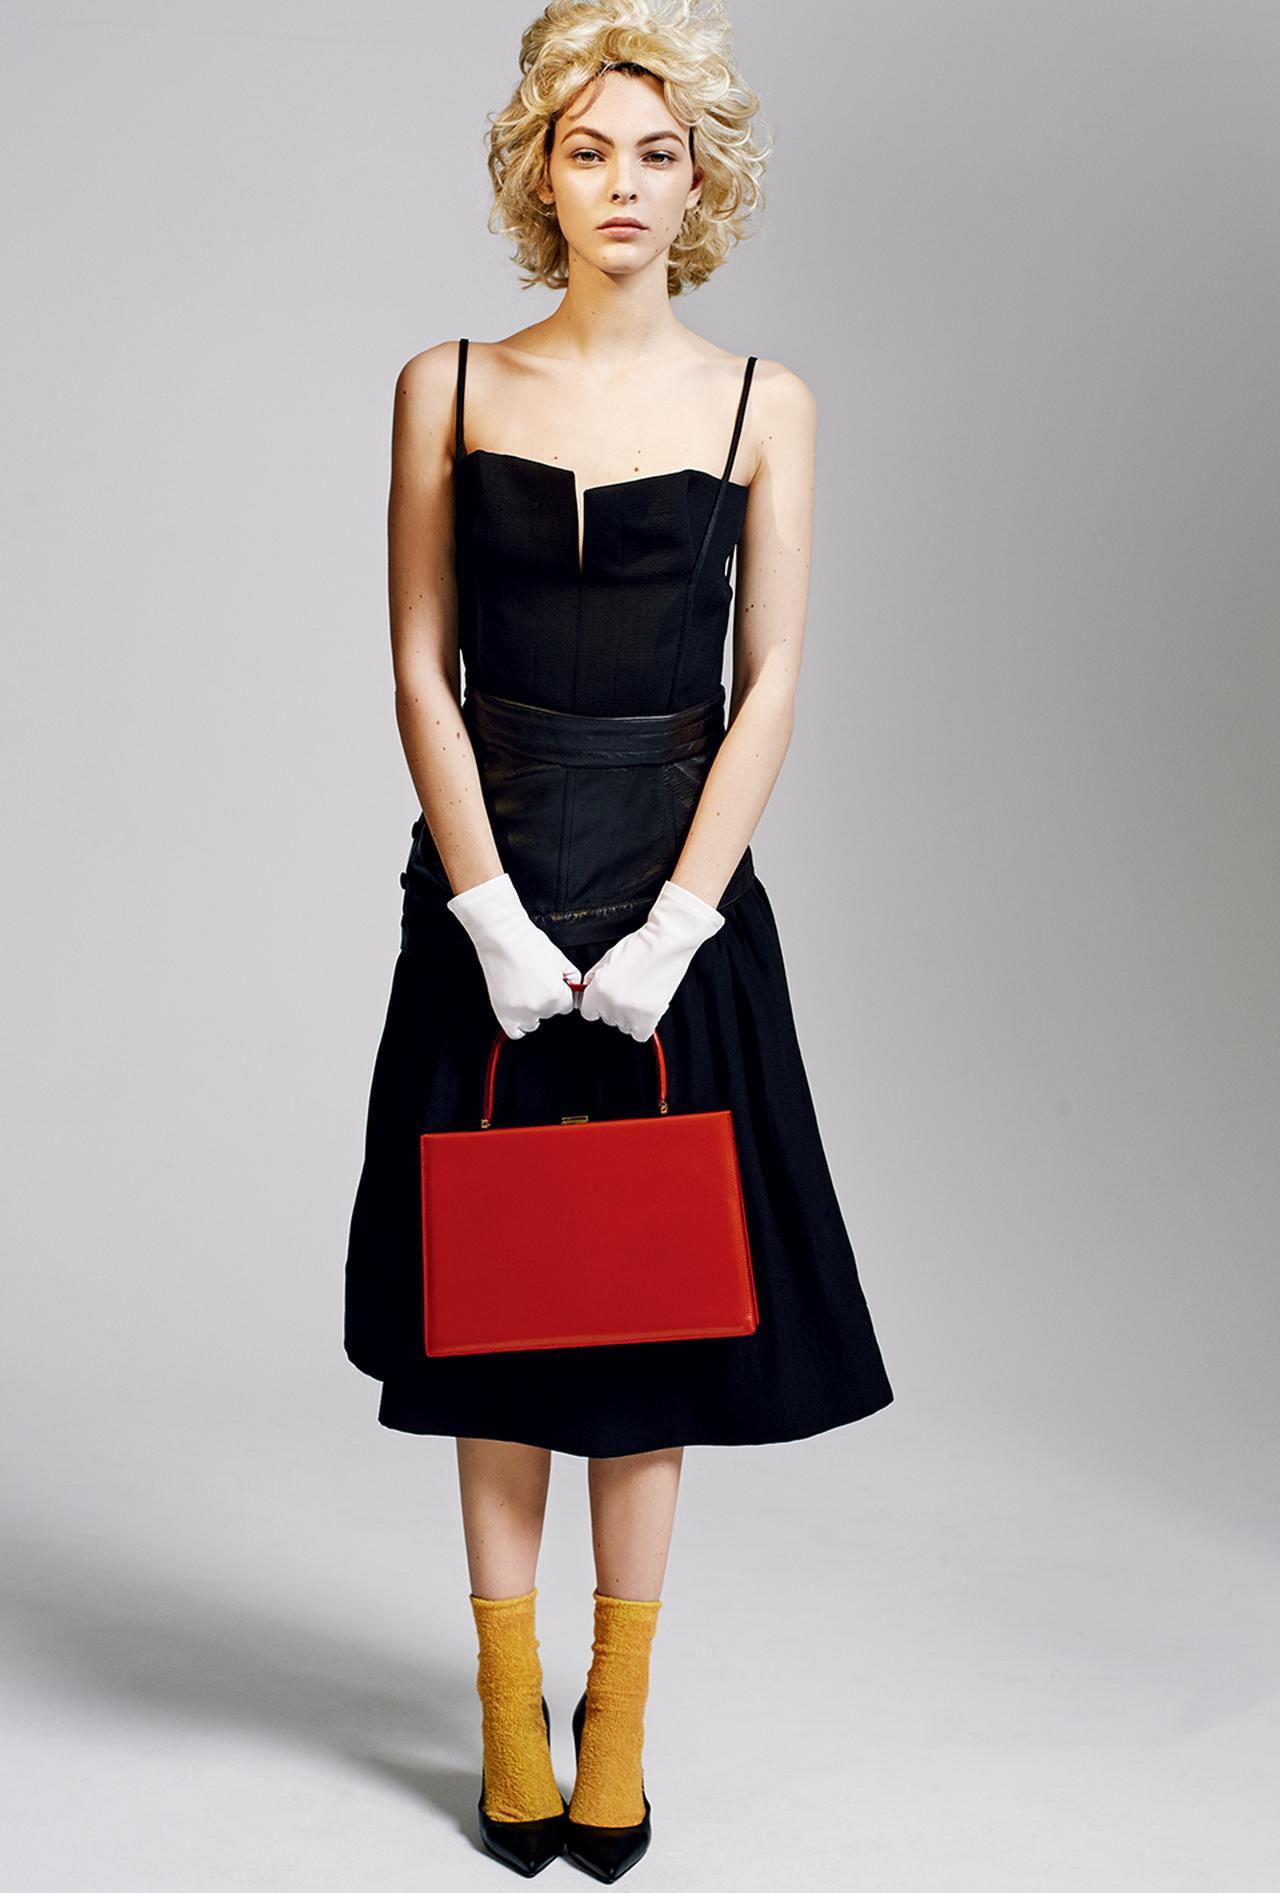 Images : 2番目の画像 - 「リトルホームドレスは 見かけほど甘くない」のアルバム - T JAPAN:The New York Times Style Magazine 公式サイト